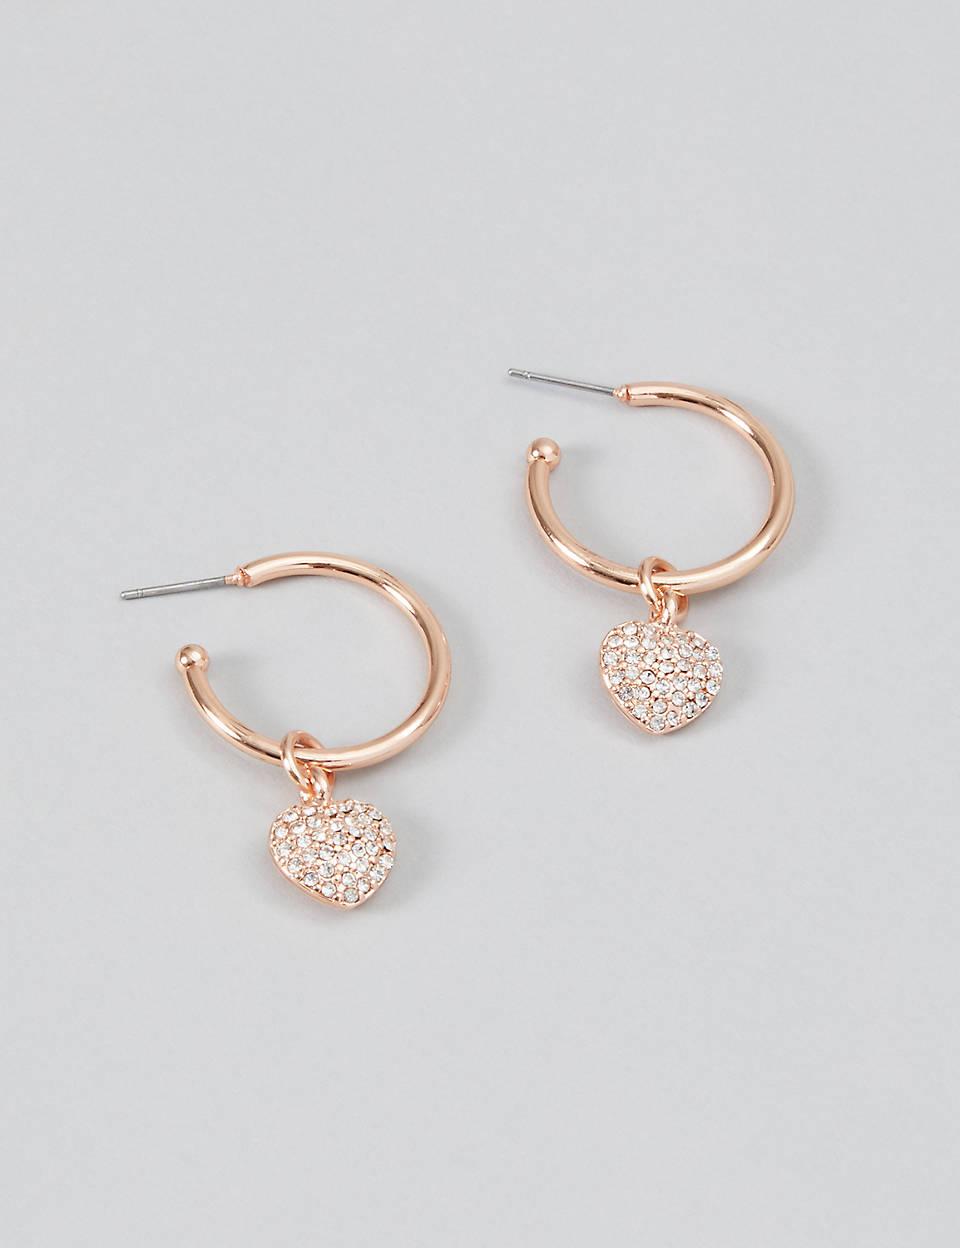 da5691ec766ba CZ Heart Charm Hoop Earrings